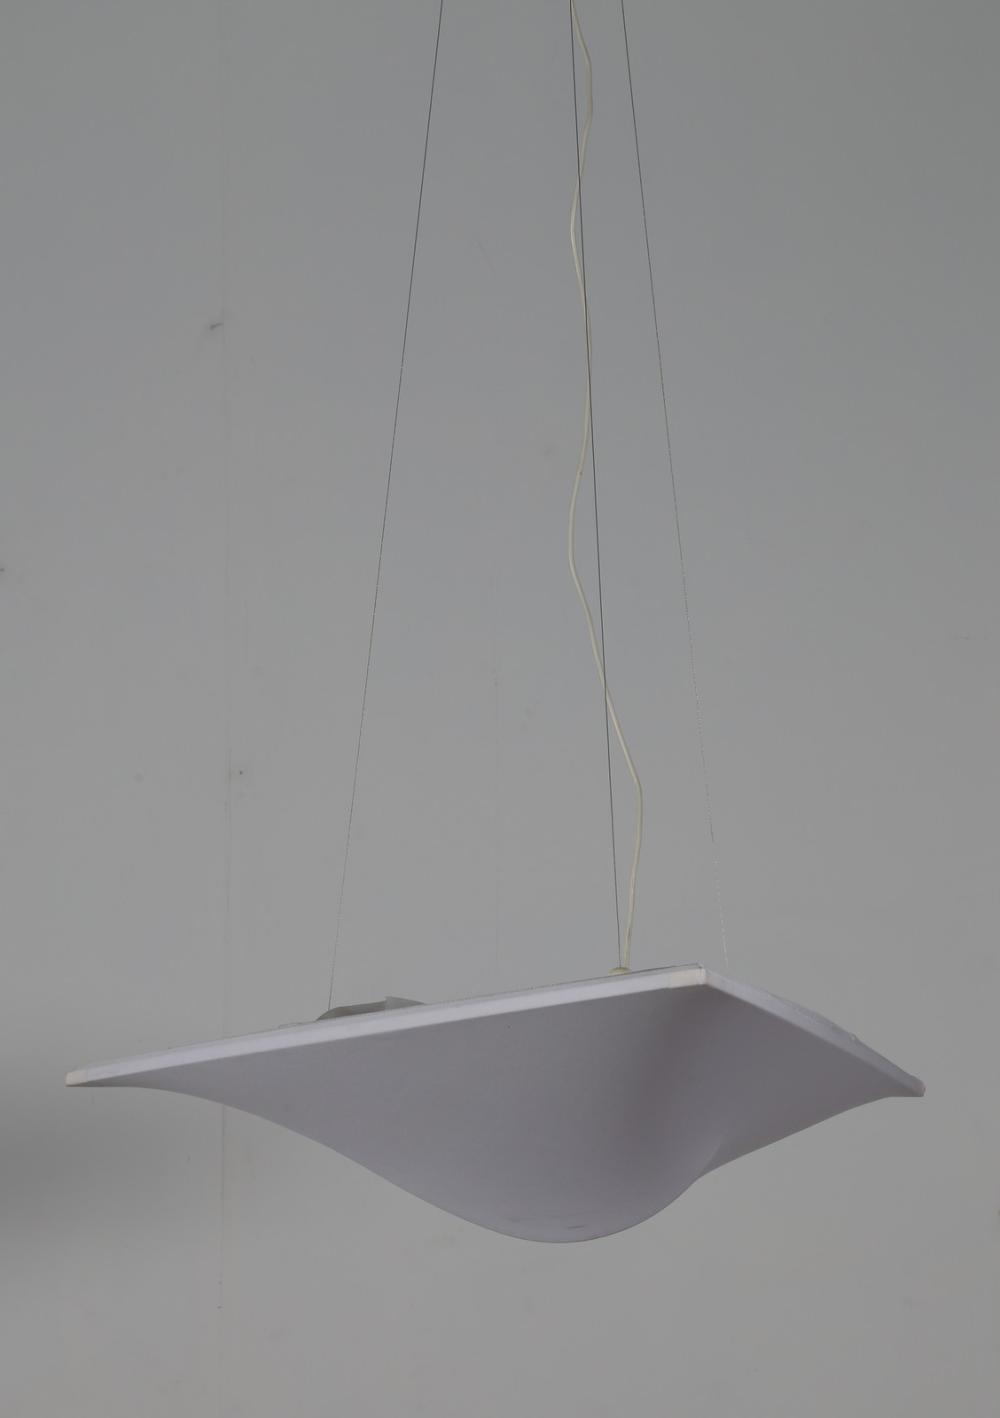 TAKAHAMA KAZUIDE Ceiling lamp mod. Sanka